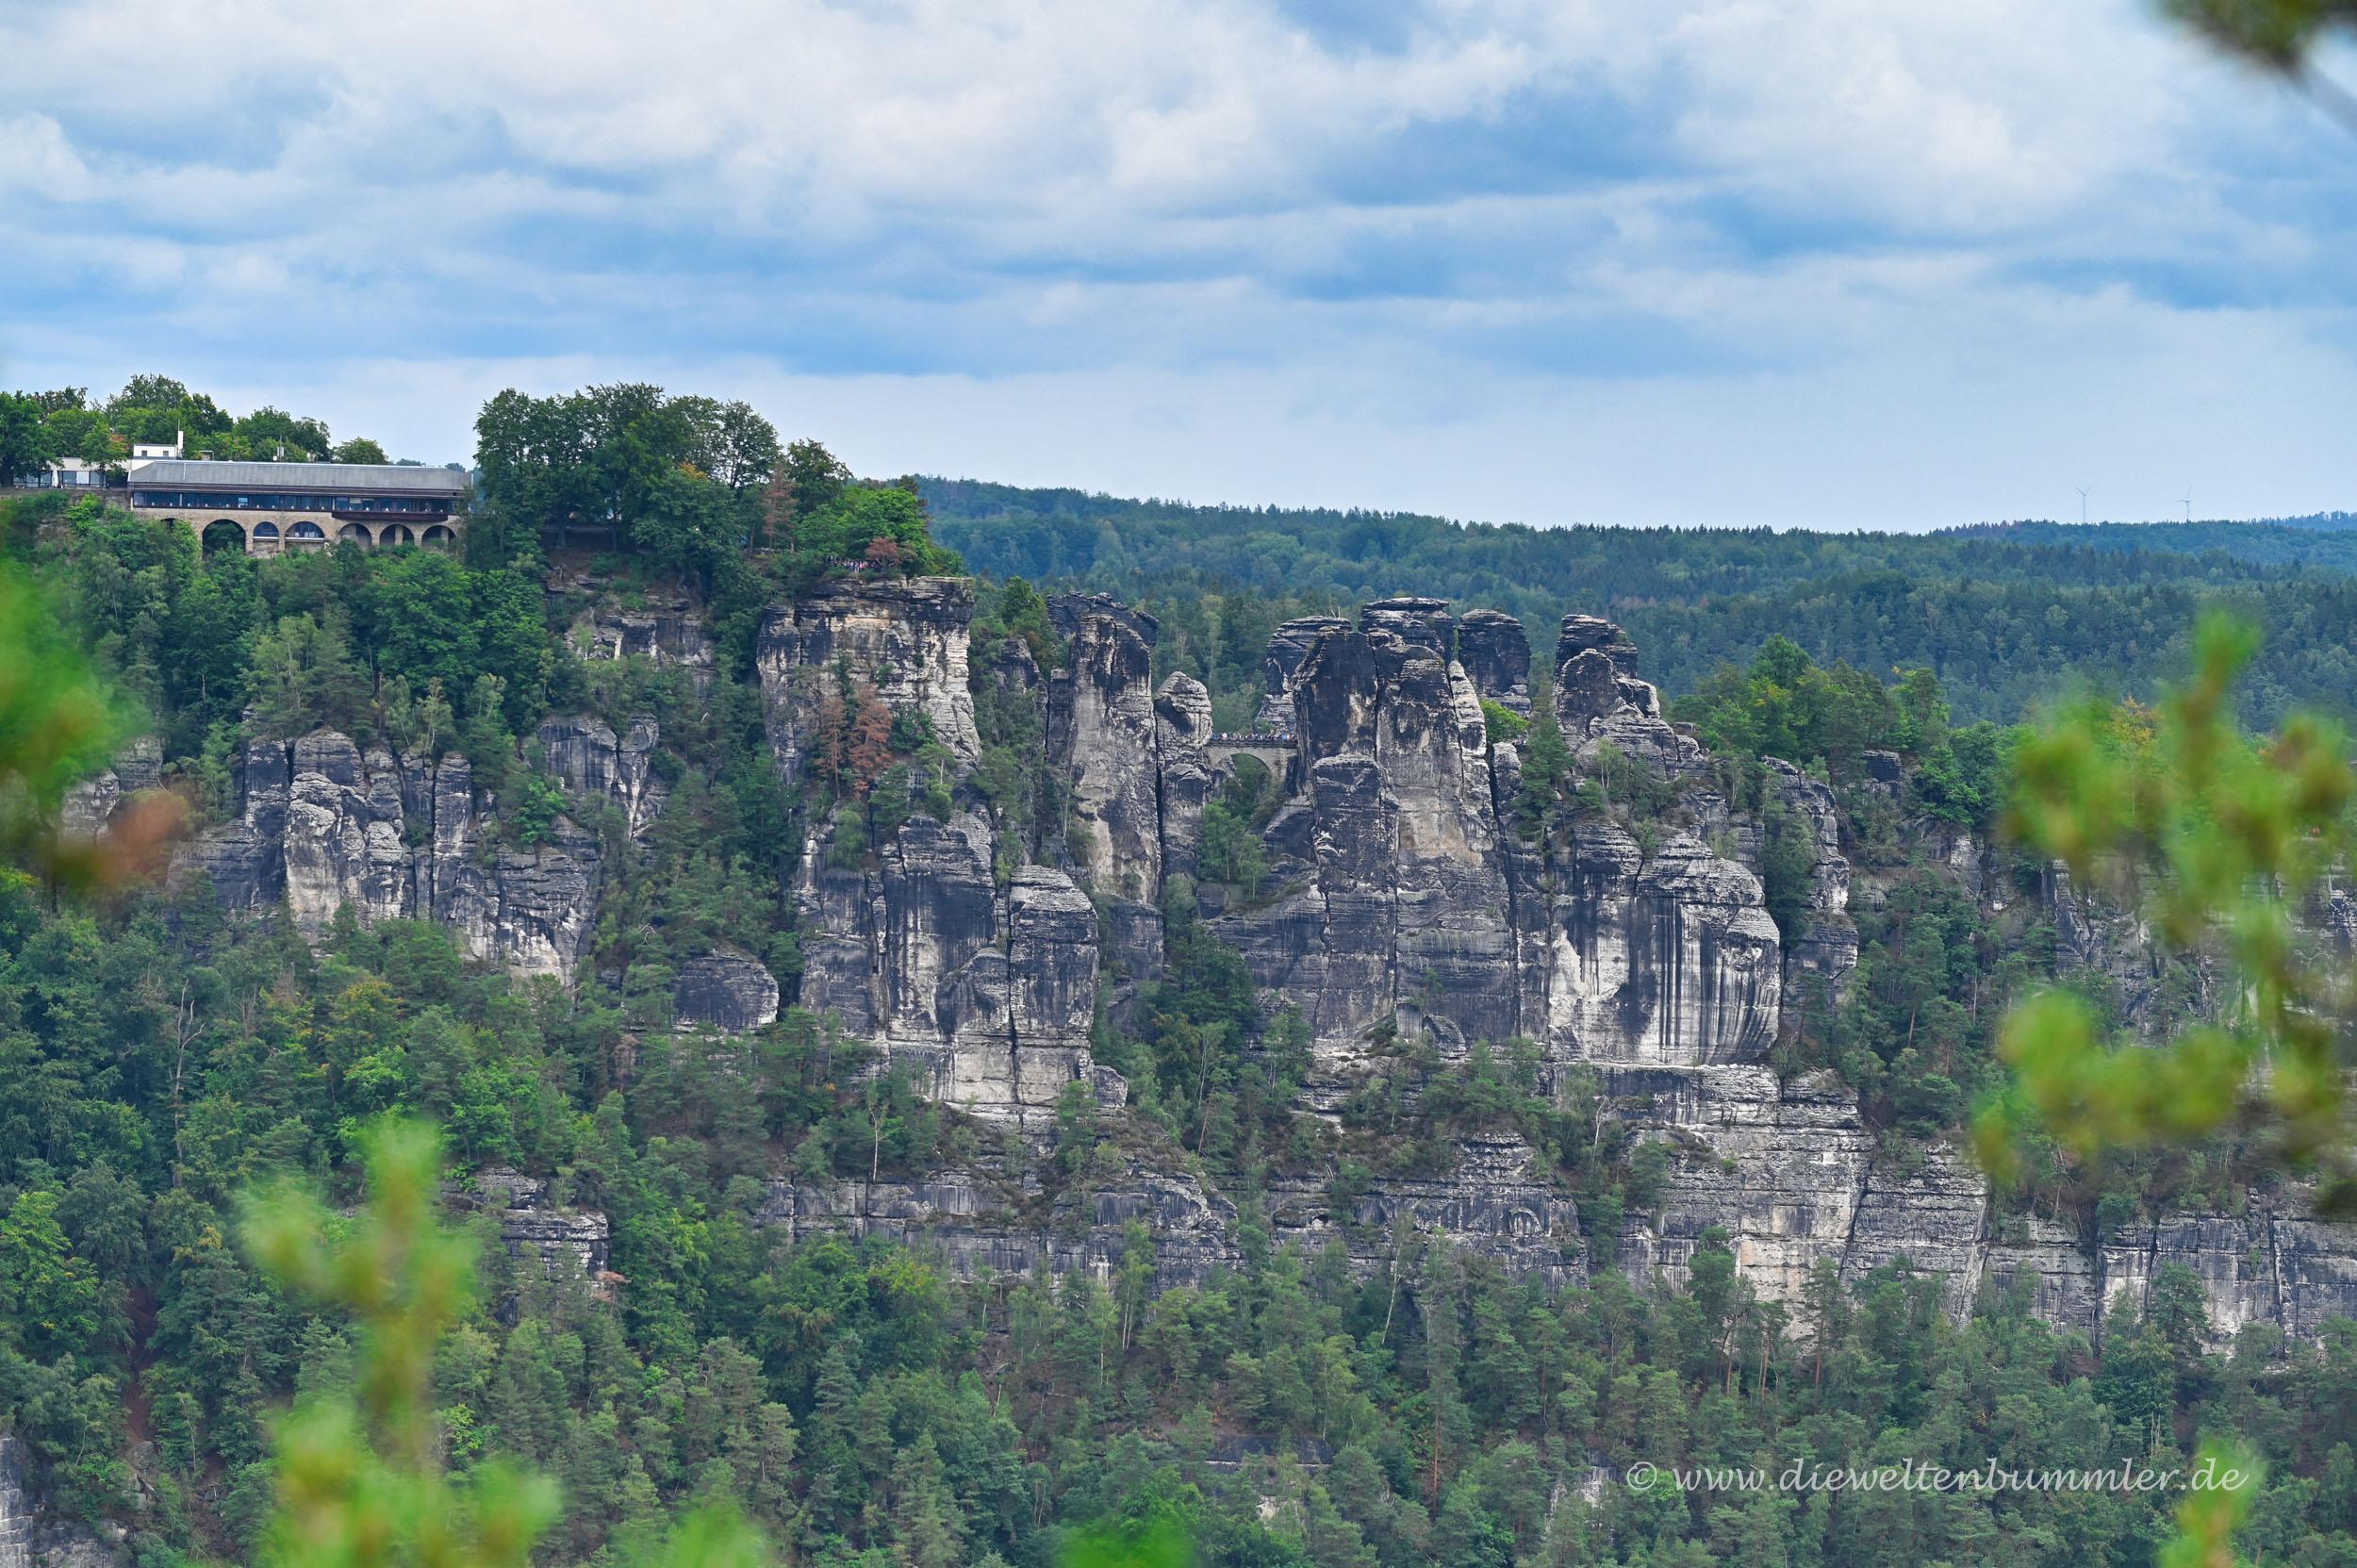 Bastei vom Rauenstein aus gesehen